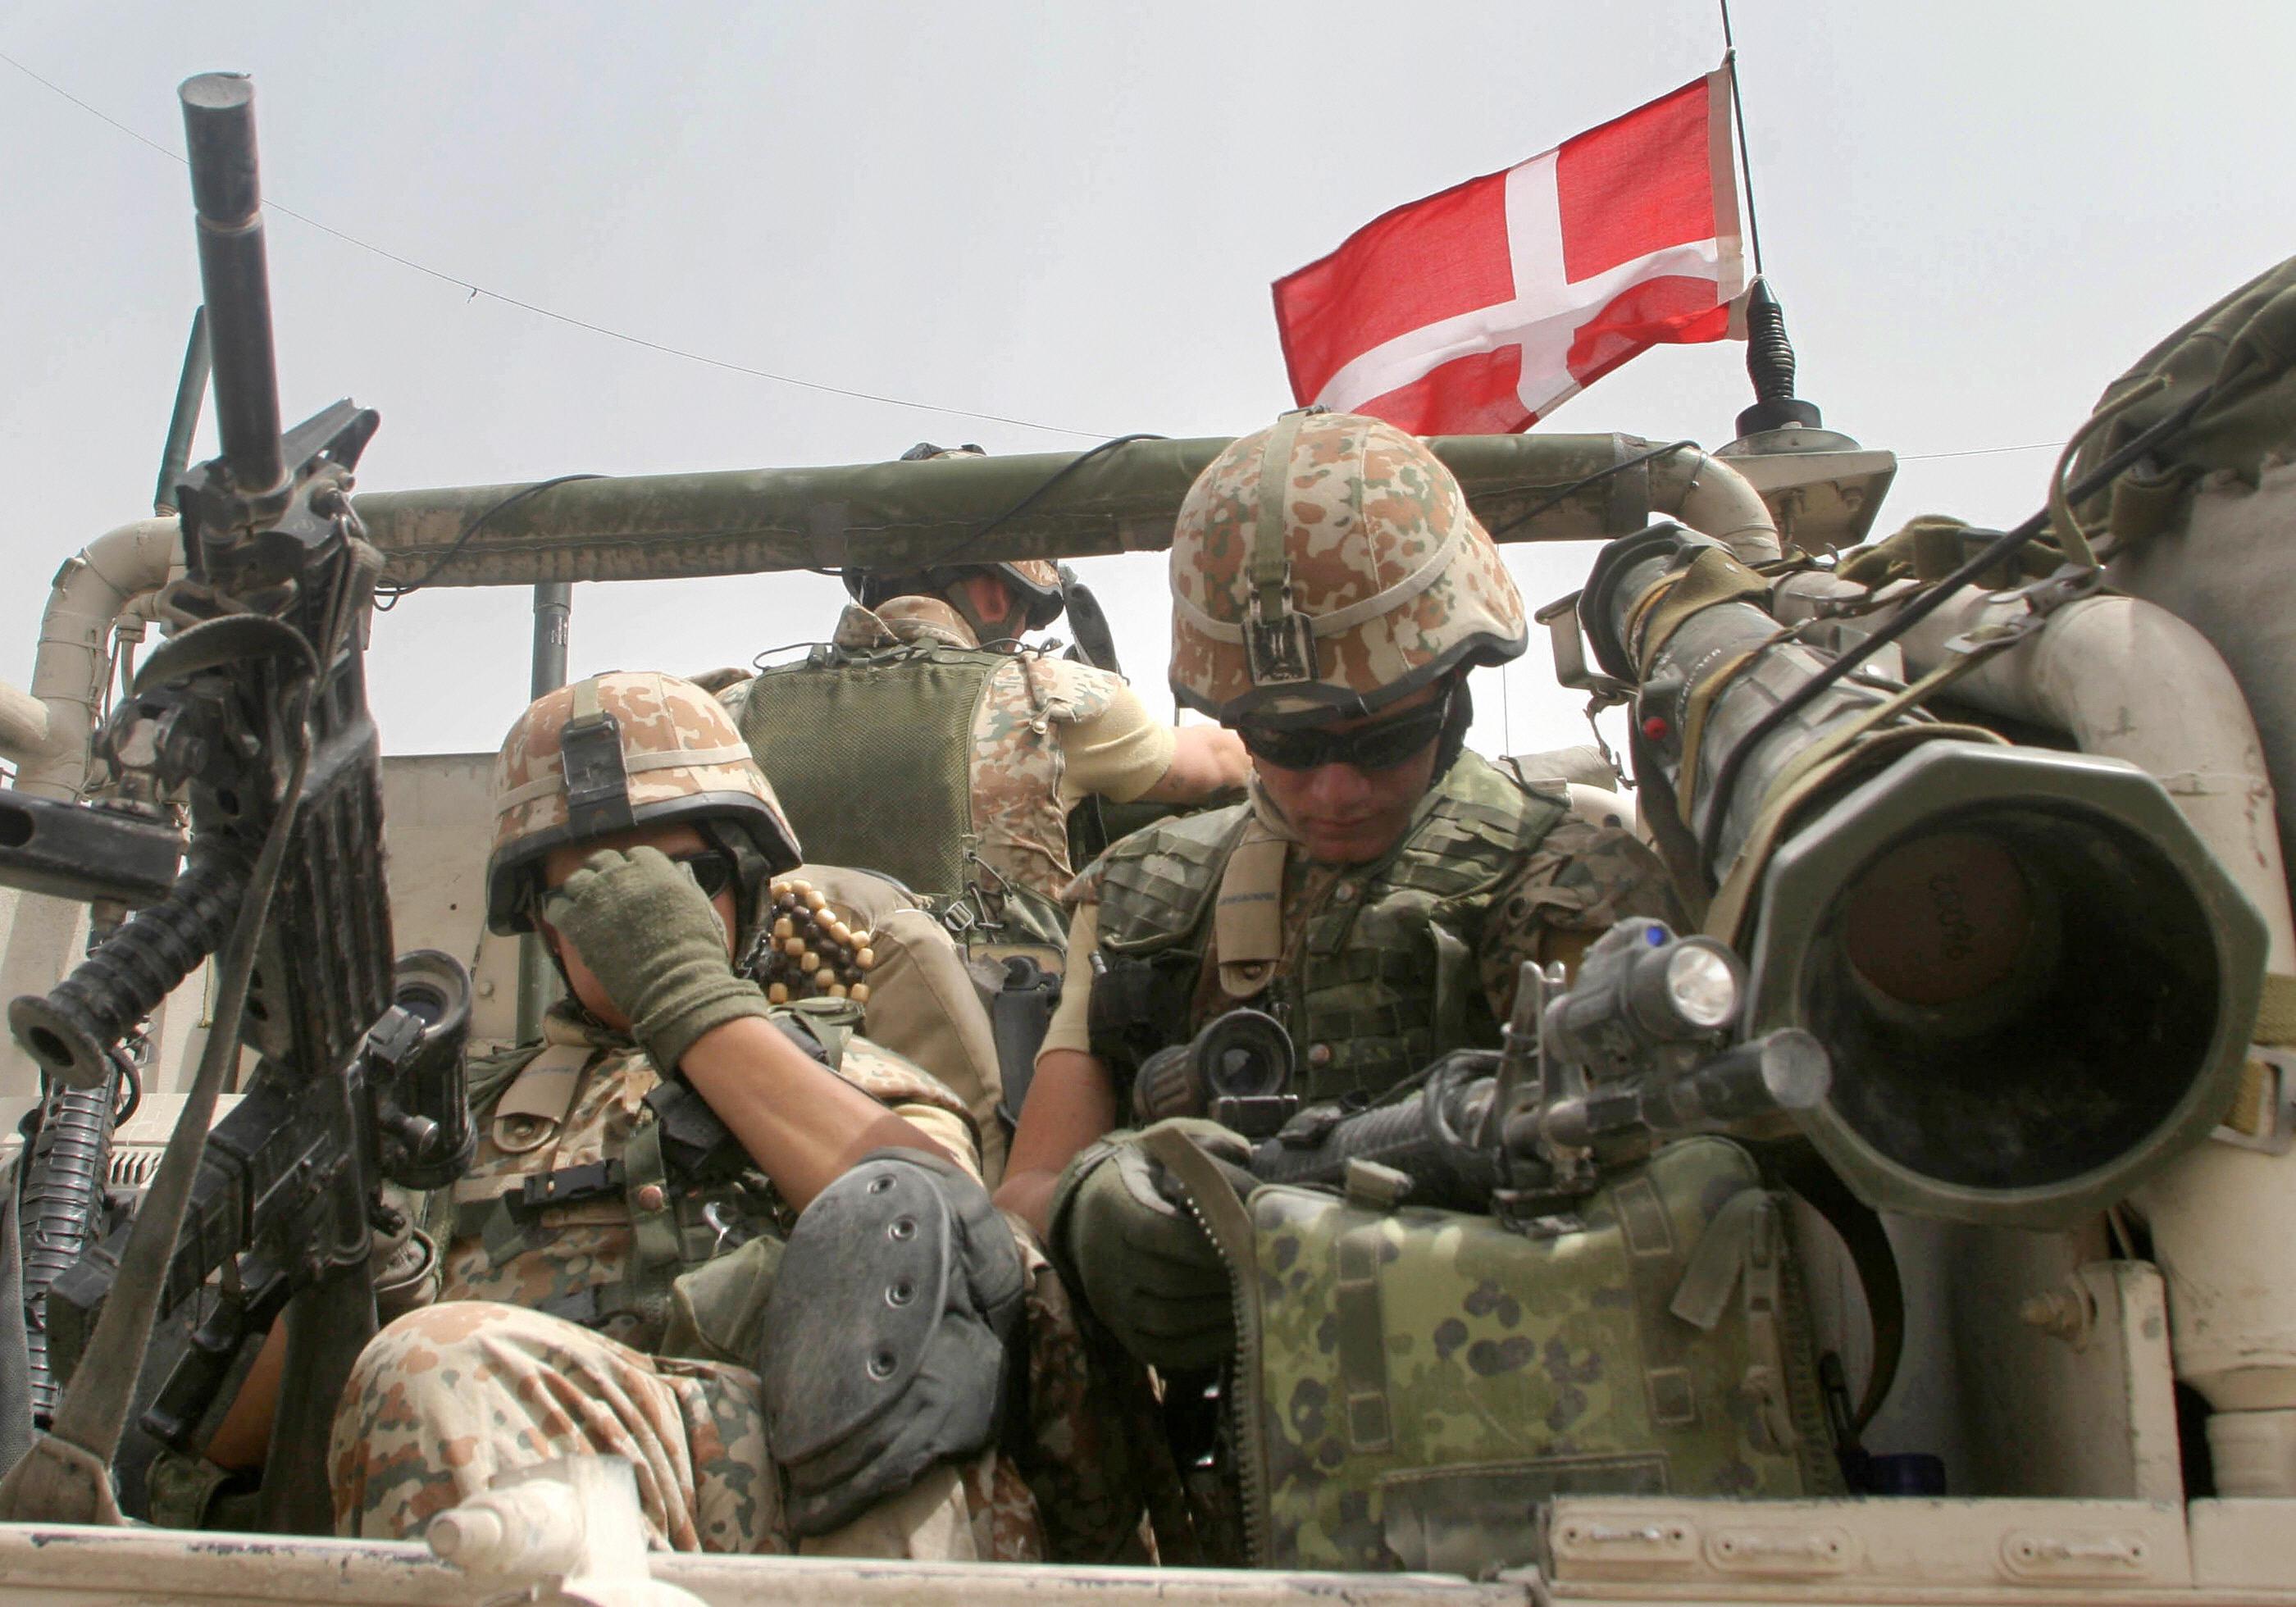 ЕС против пропаганды РФ: датские солдаты НАТО пройдут обучение, как бороться с российской дезинформацией